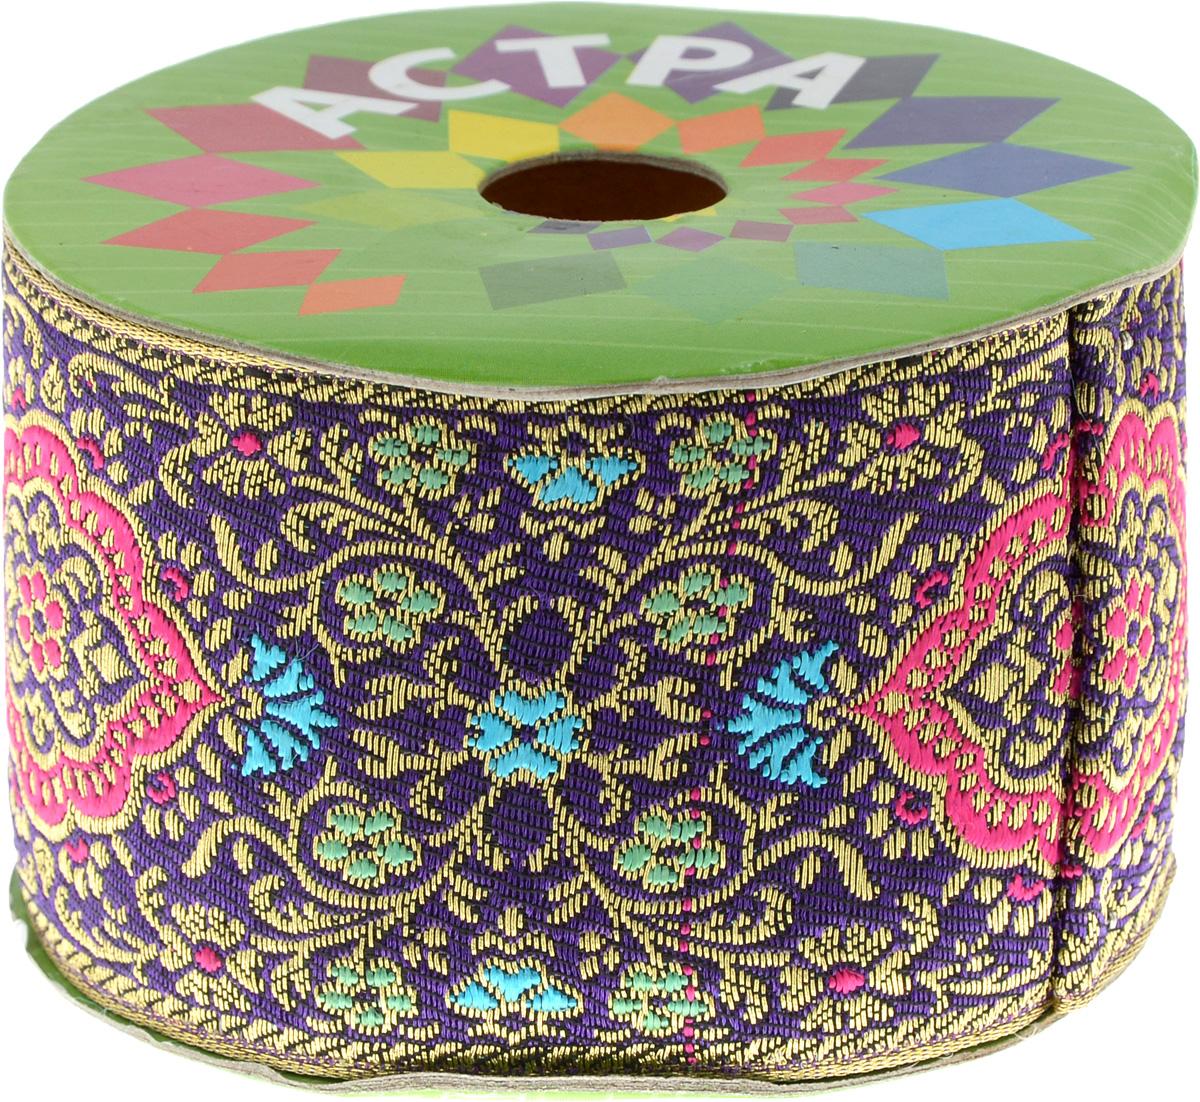 Тесьма декоративная Астра, цвет: зеленый (С4), ширина 5,5 см, длина 9 м. 77034227703422_C4Декоративная тесьма Астра выполнена из текстиля и оформлена оригинальным жаккардовым орнаментом с цветочными мотивами. Такая тесьма идеально подойдет для оформления различных творческих работ таких, как скрапбукинг, аппликация, декор коробок и открыток и многое другое. Тесьма наивысшего качества и практична в использовании. Она станет незаменимым элементом в создании рукотворного шедевра.